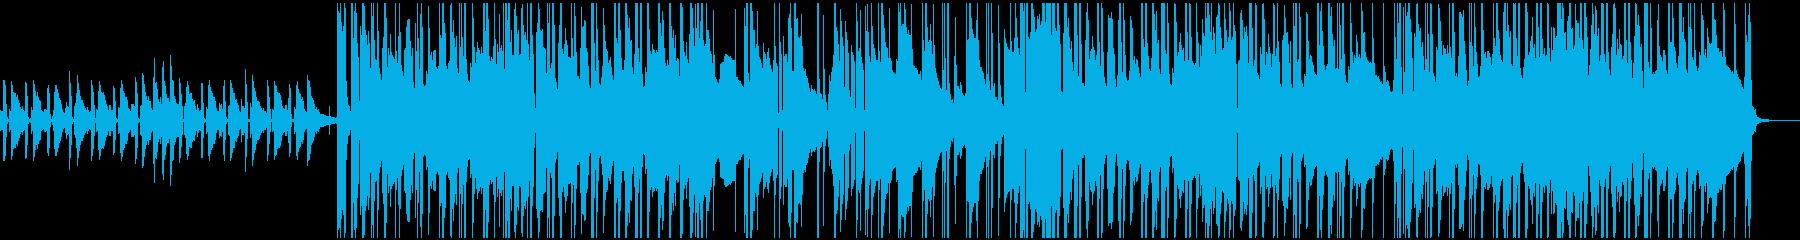 ピアノを使ったジャジーでシックなBGMの再生済みの波形